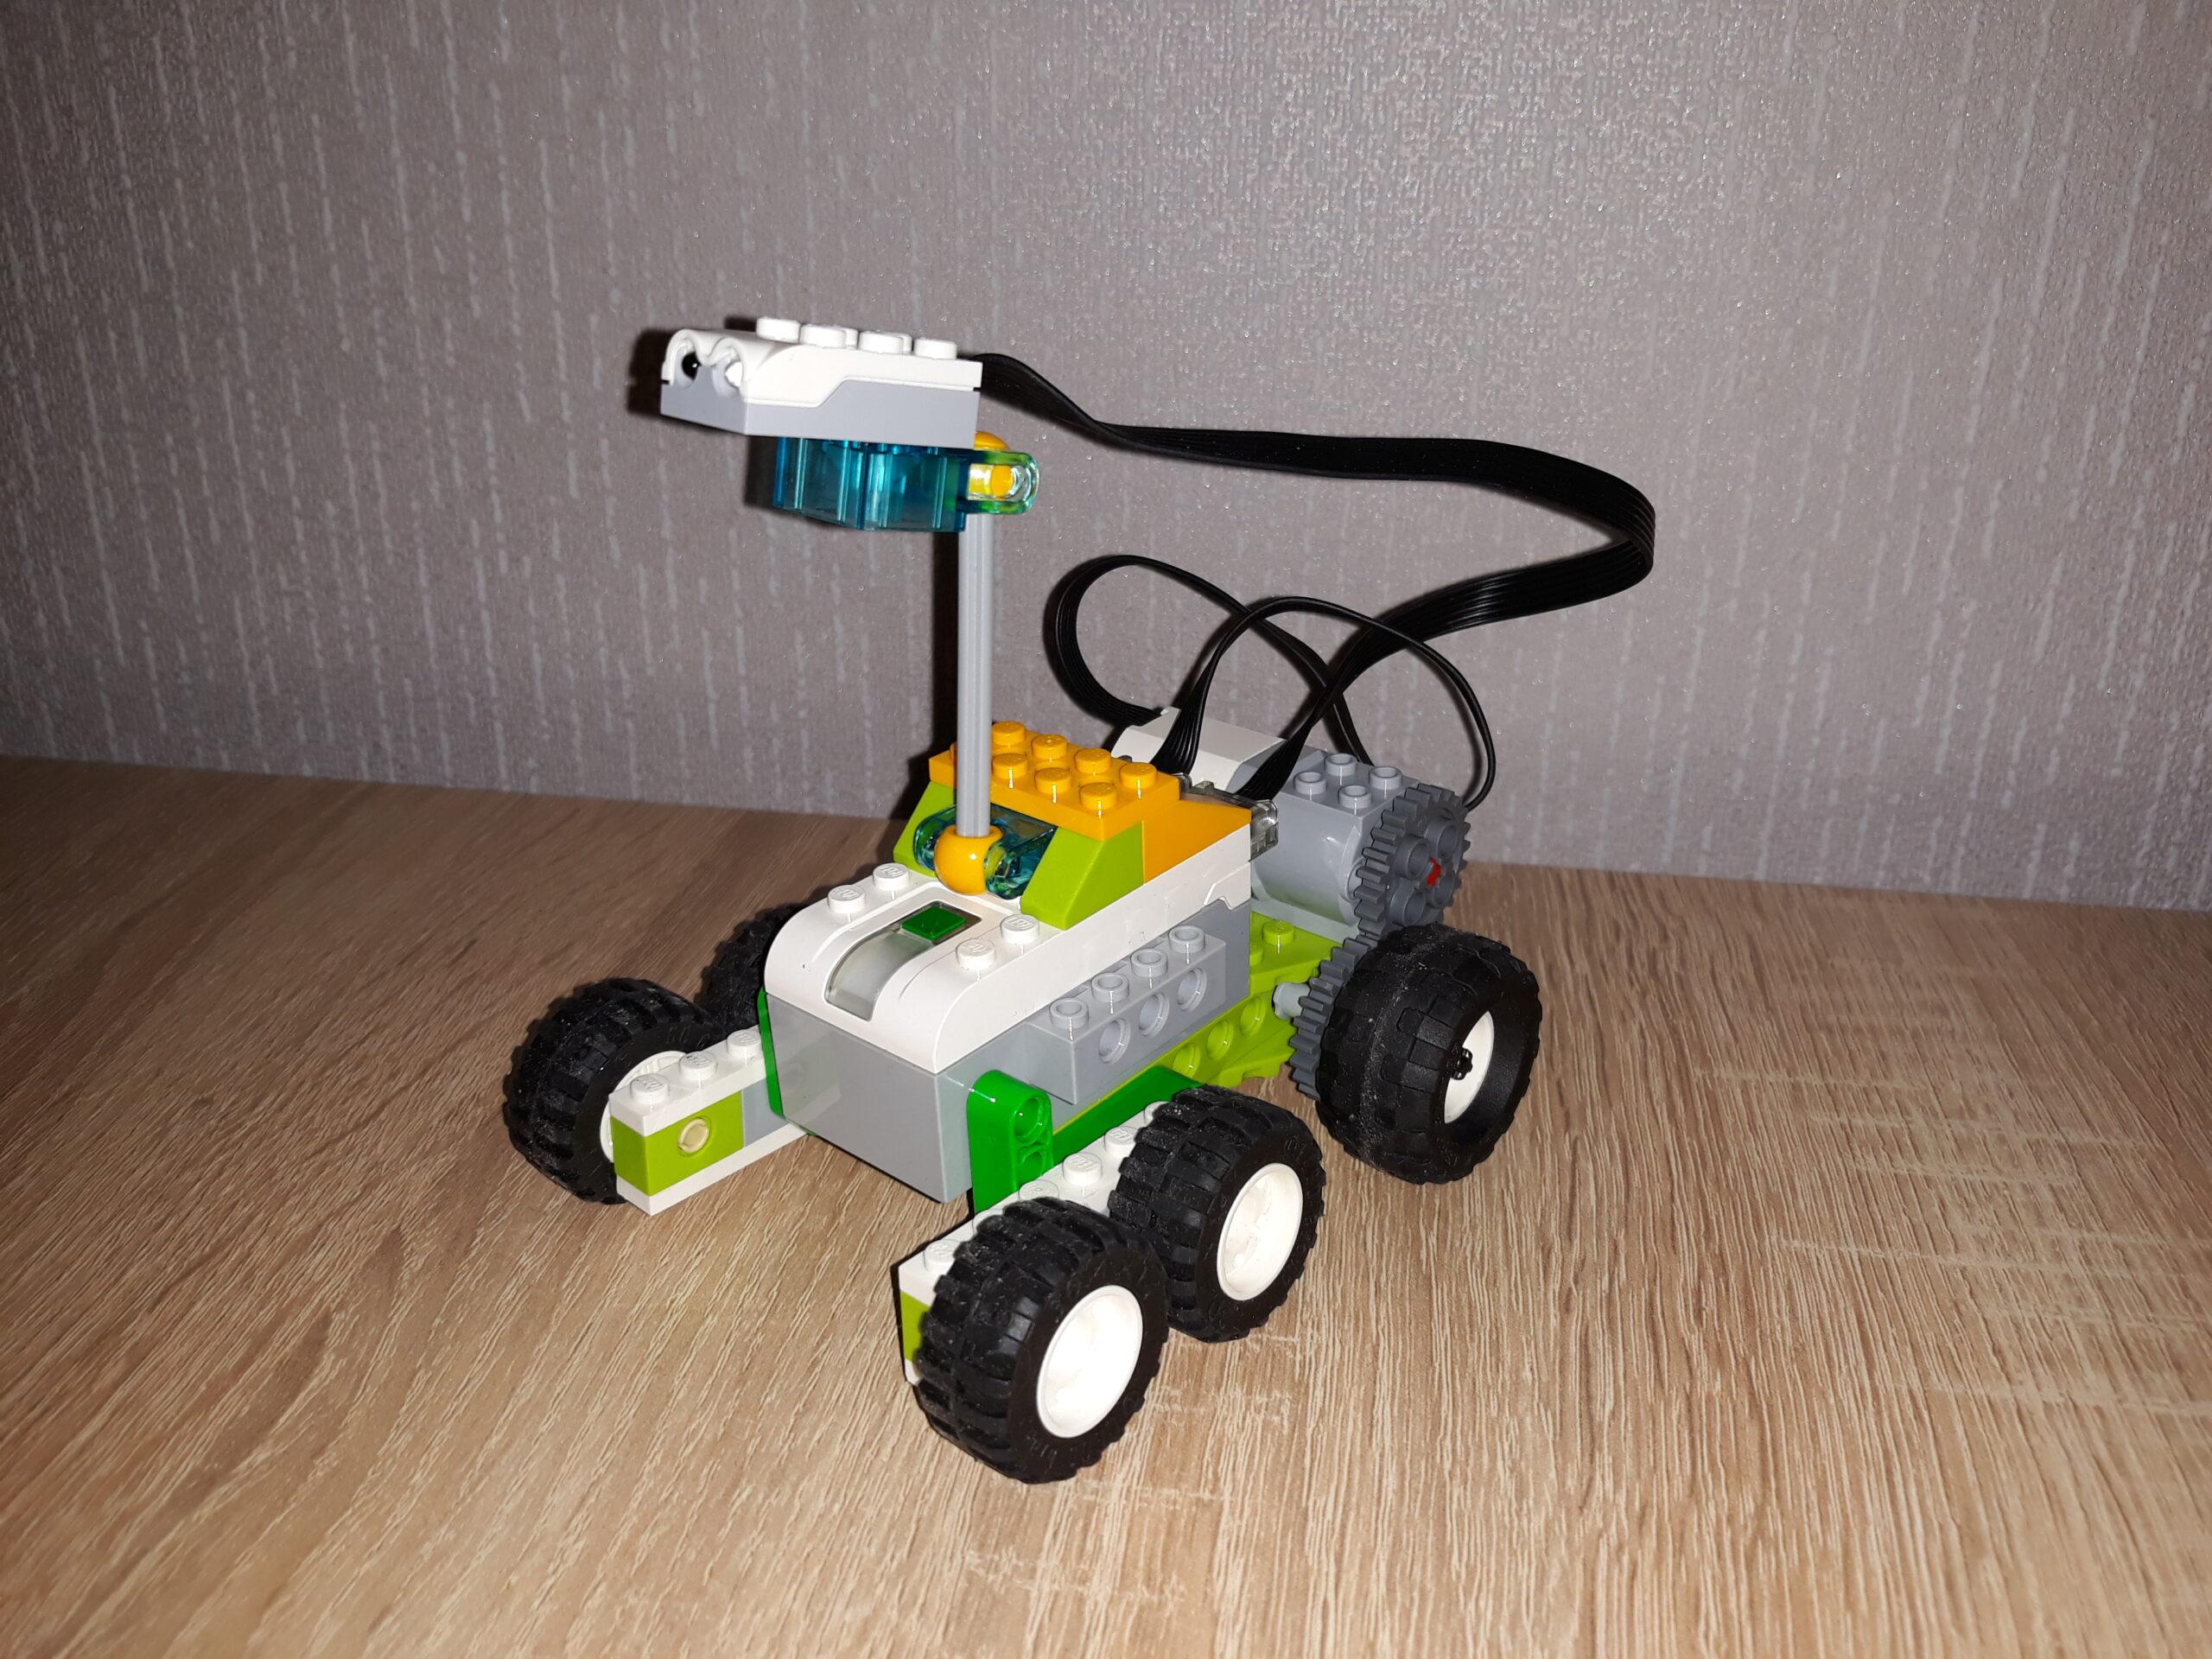 Скачать инструкцию по сборке из набора LEGO Education WeDo 2.0 Марсоход